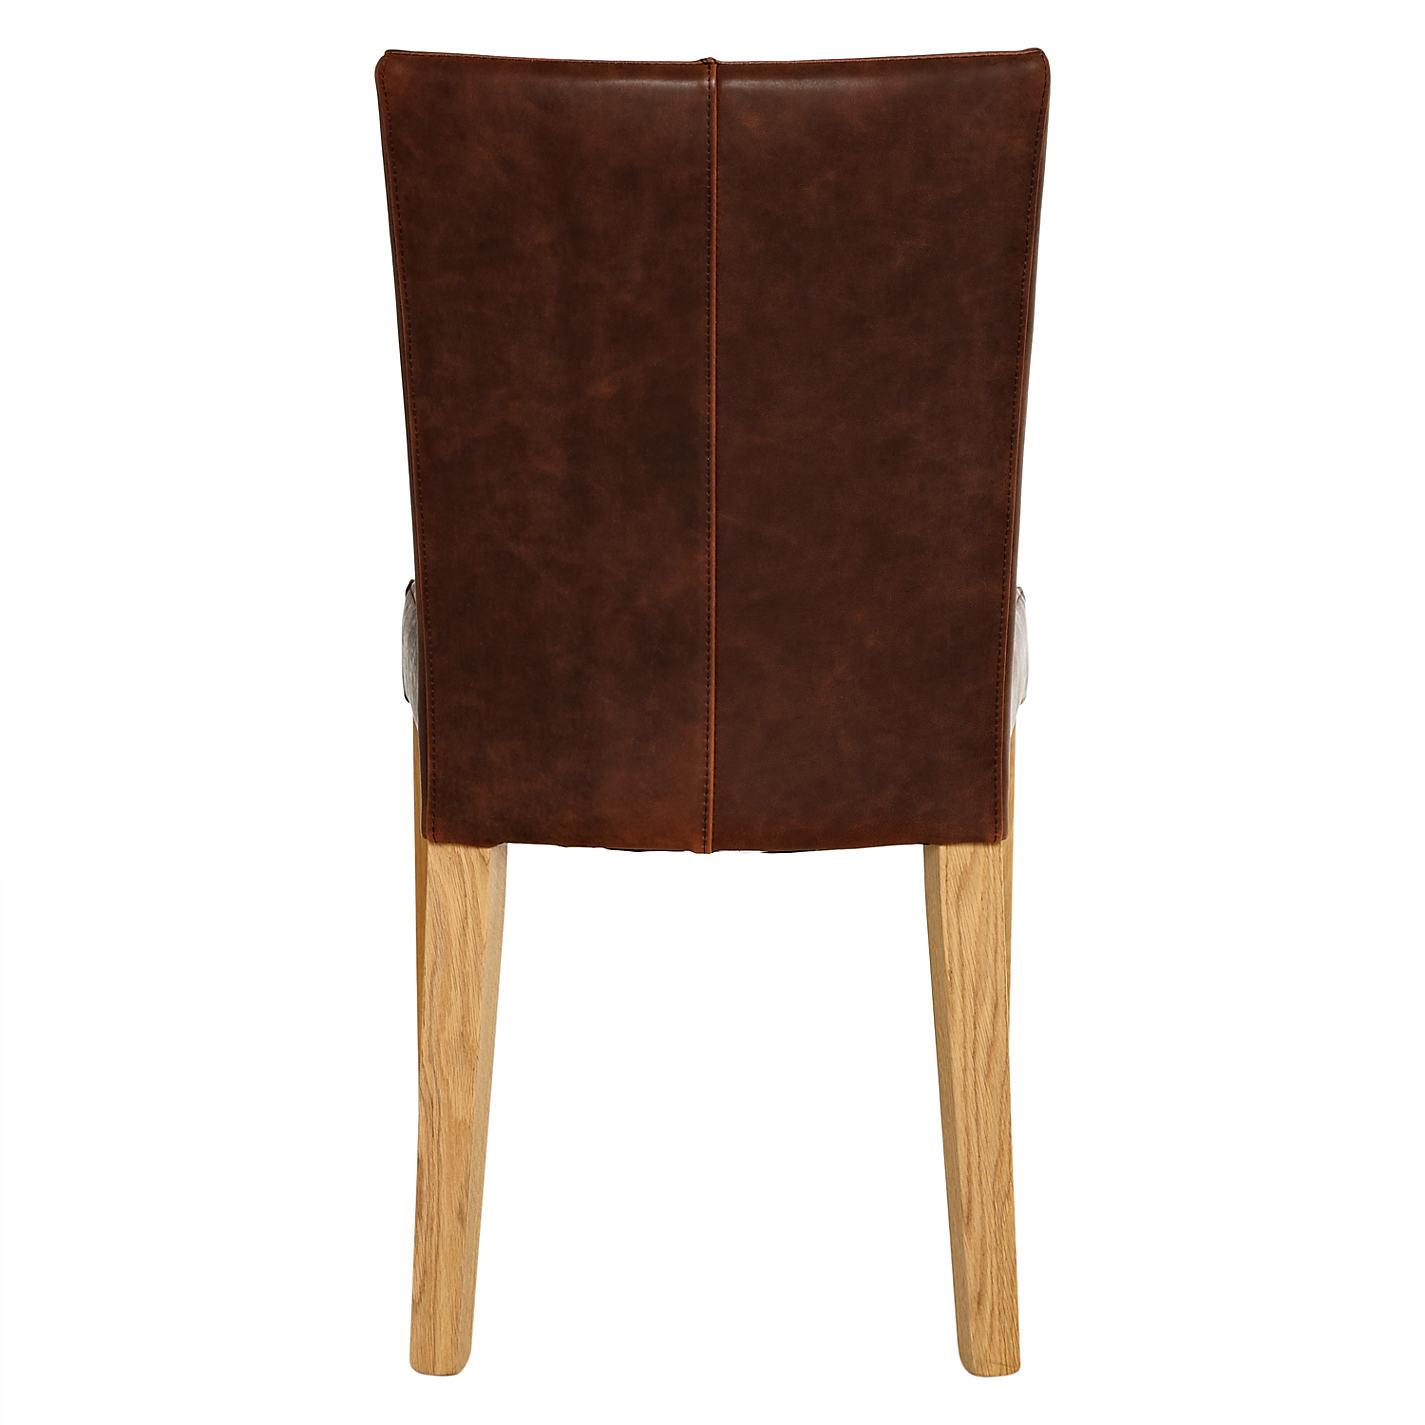 Buy John Lewis Calia Dining Chair | John Lewis